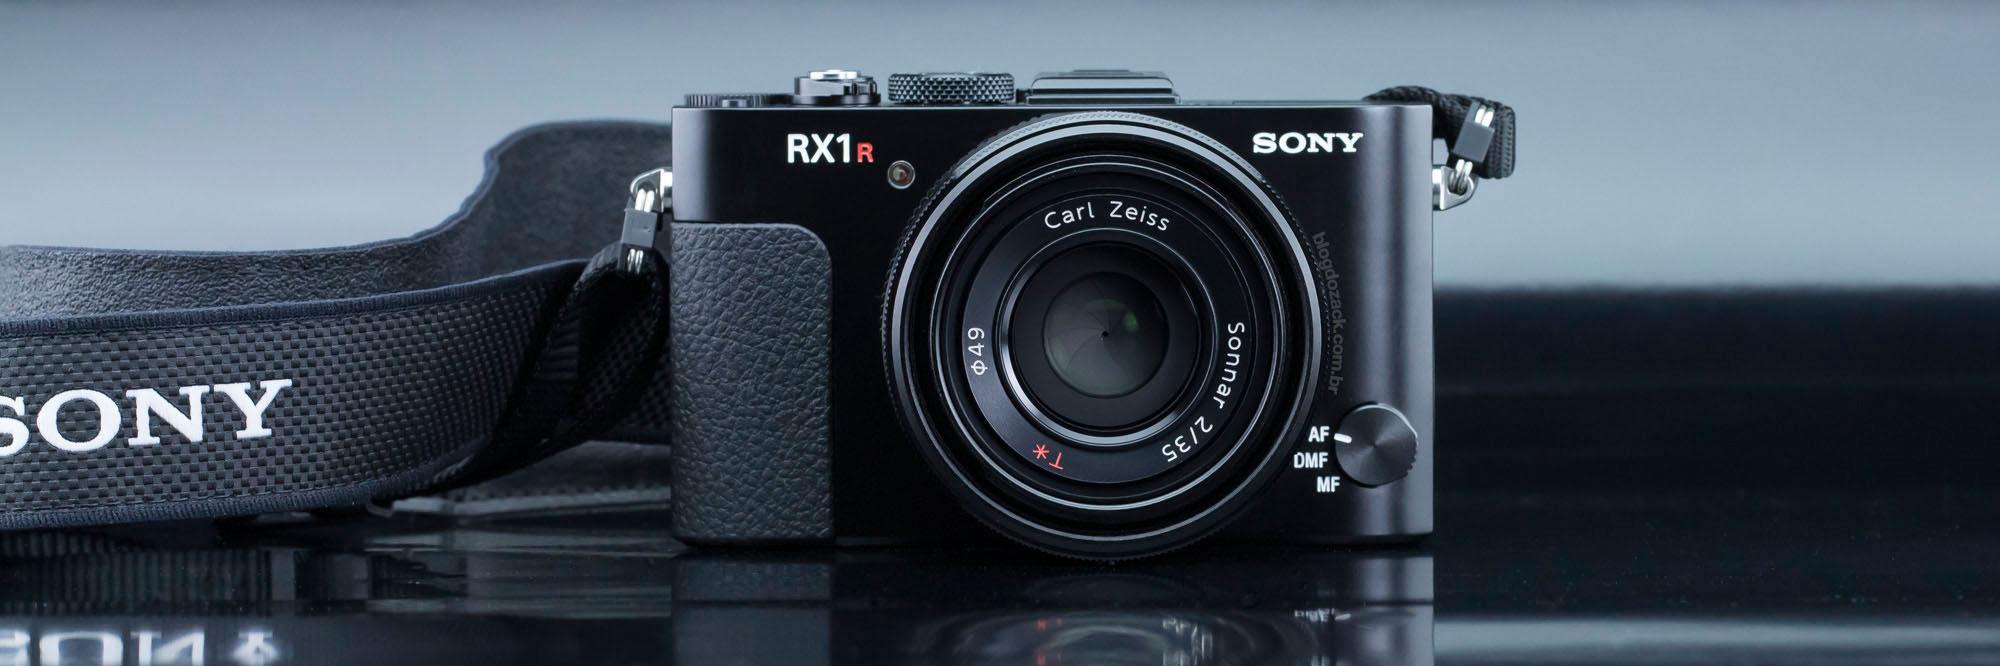 SONY_RX1R_1b